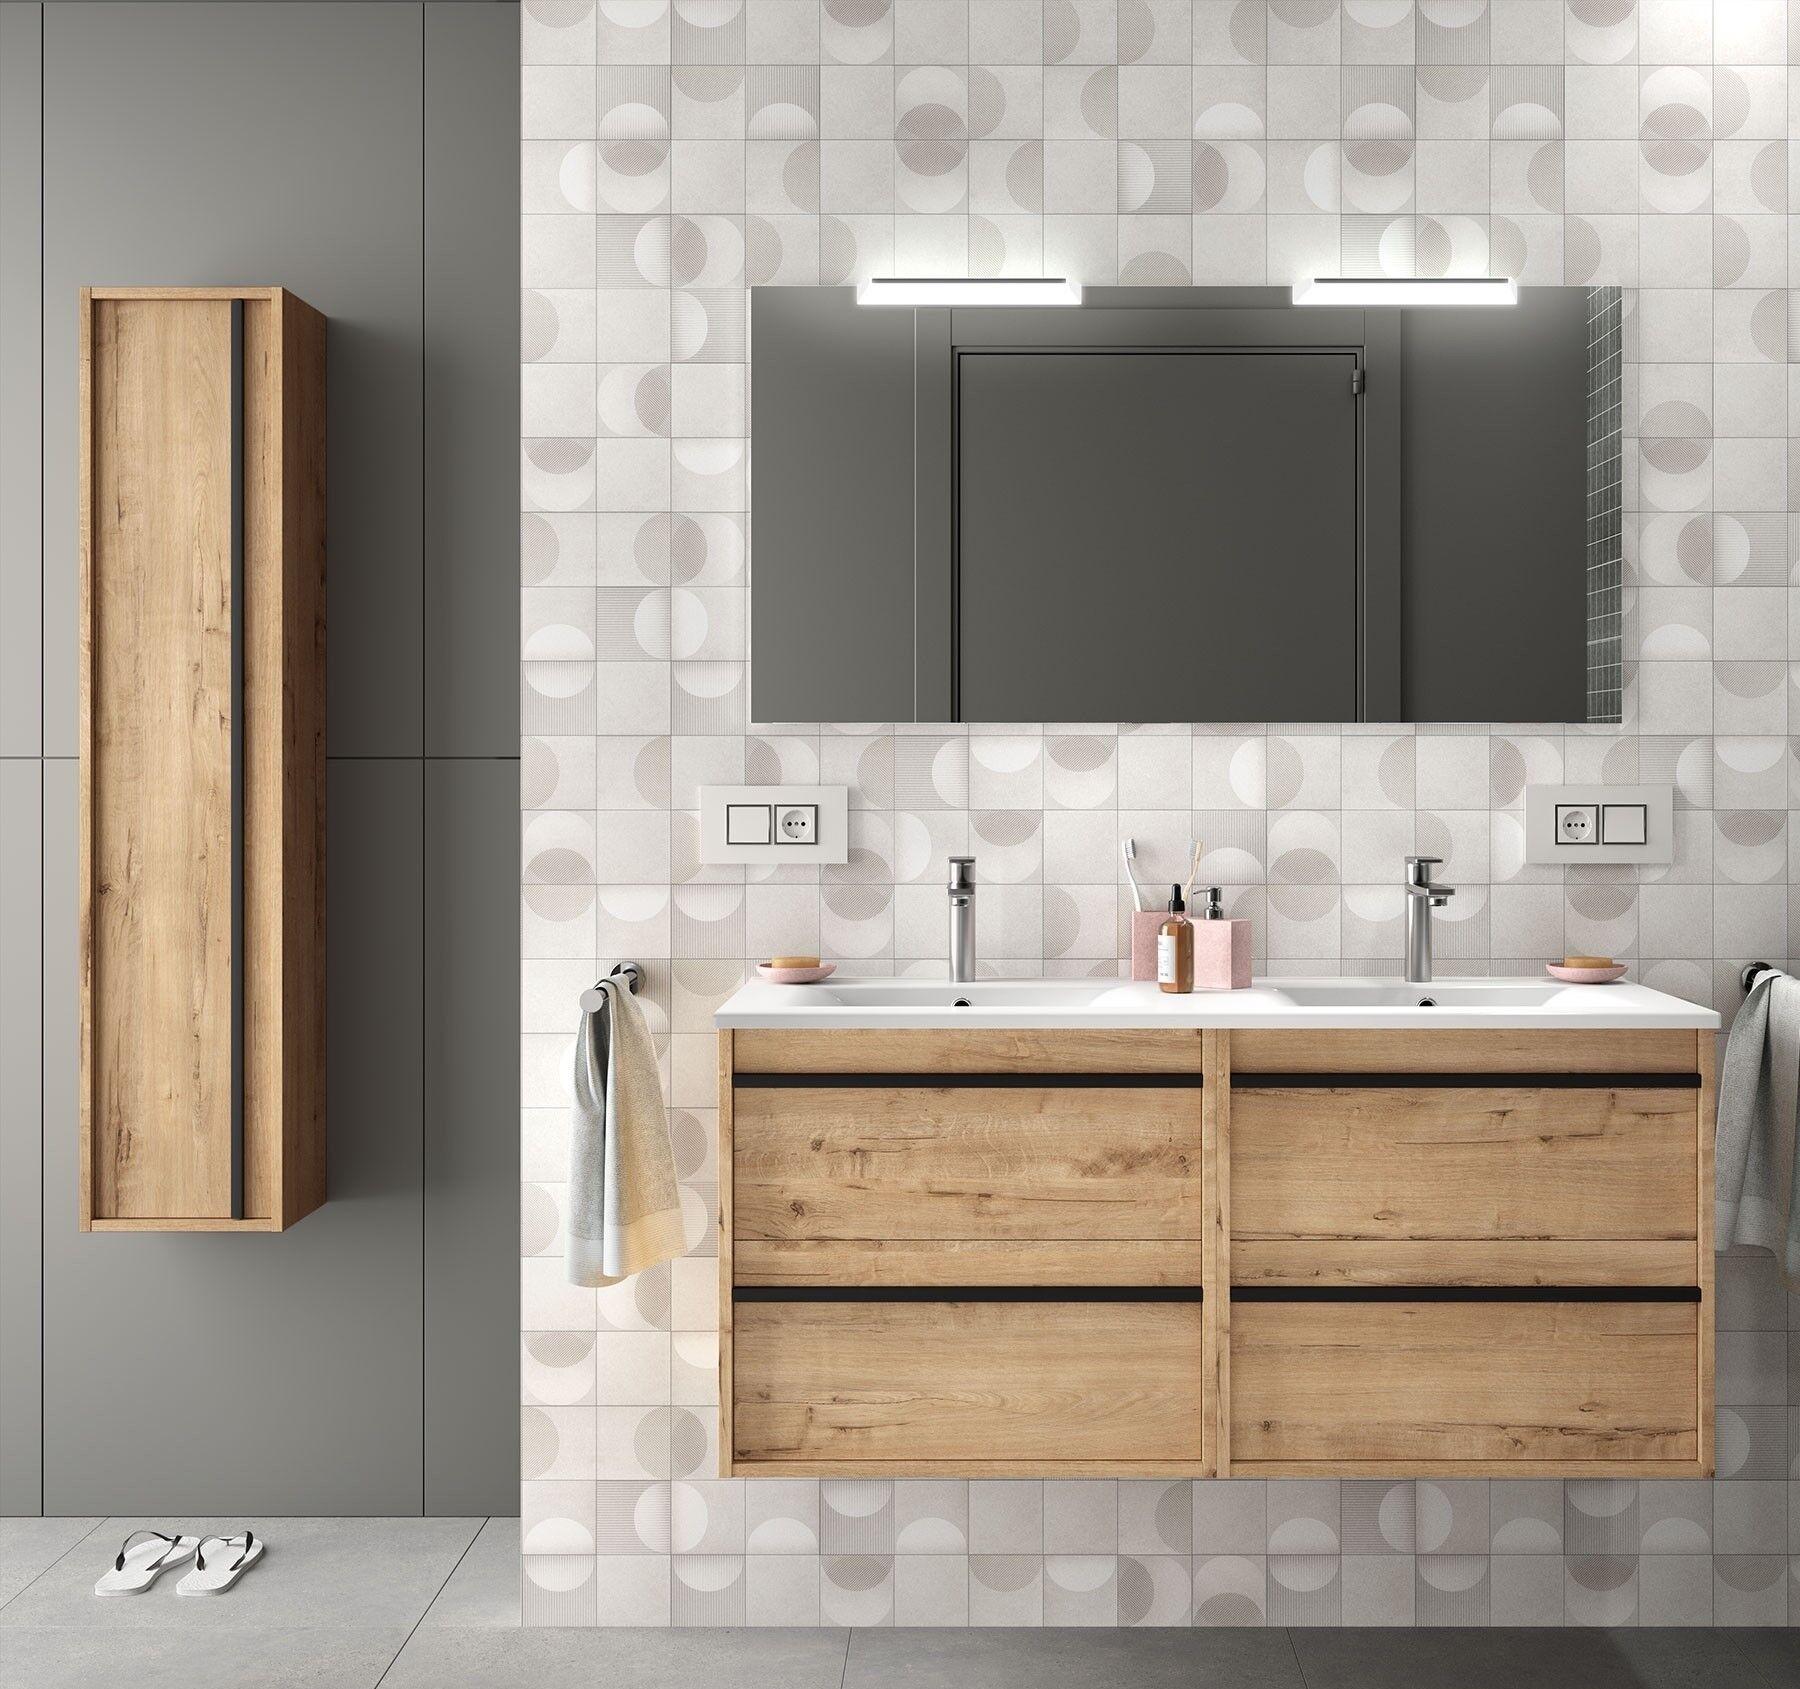 CAESAROO Meuble de salle de bain suspendu 120 cm en bois couleur chêne claire avec lavabo en porcelaine   120 cm - Avec double miroir et lampe LED